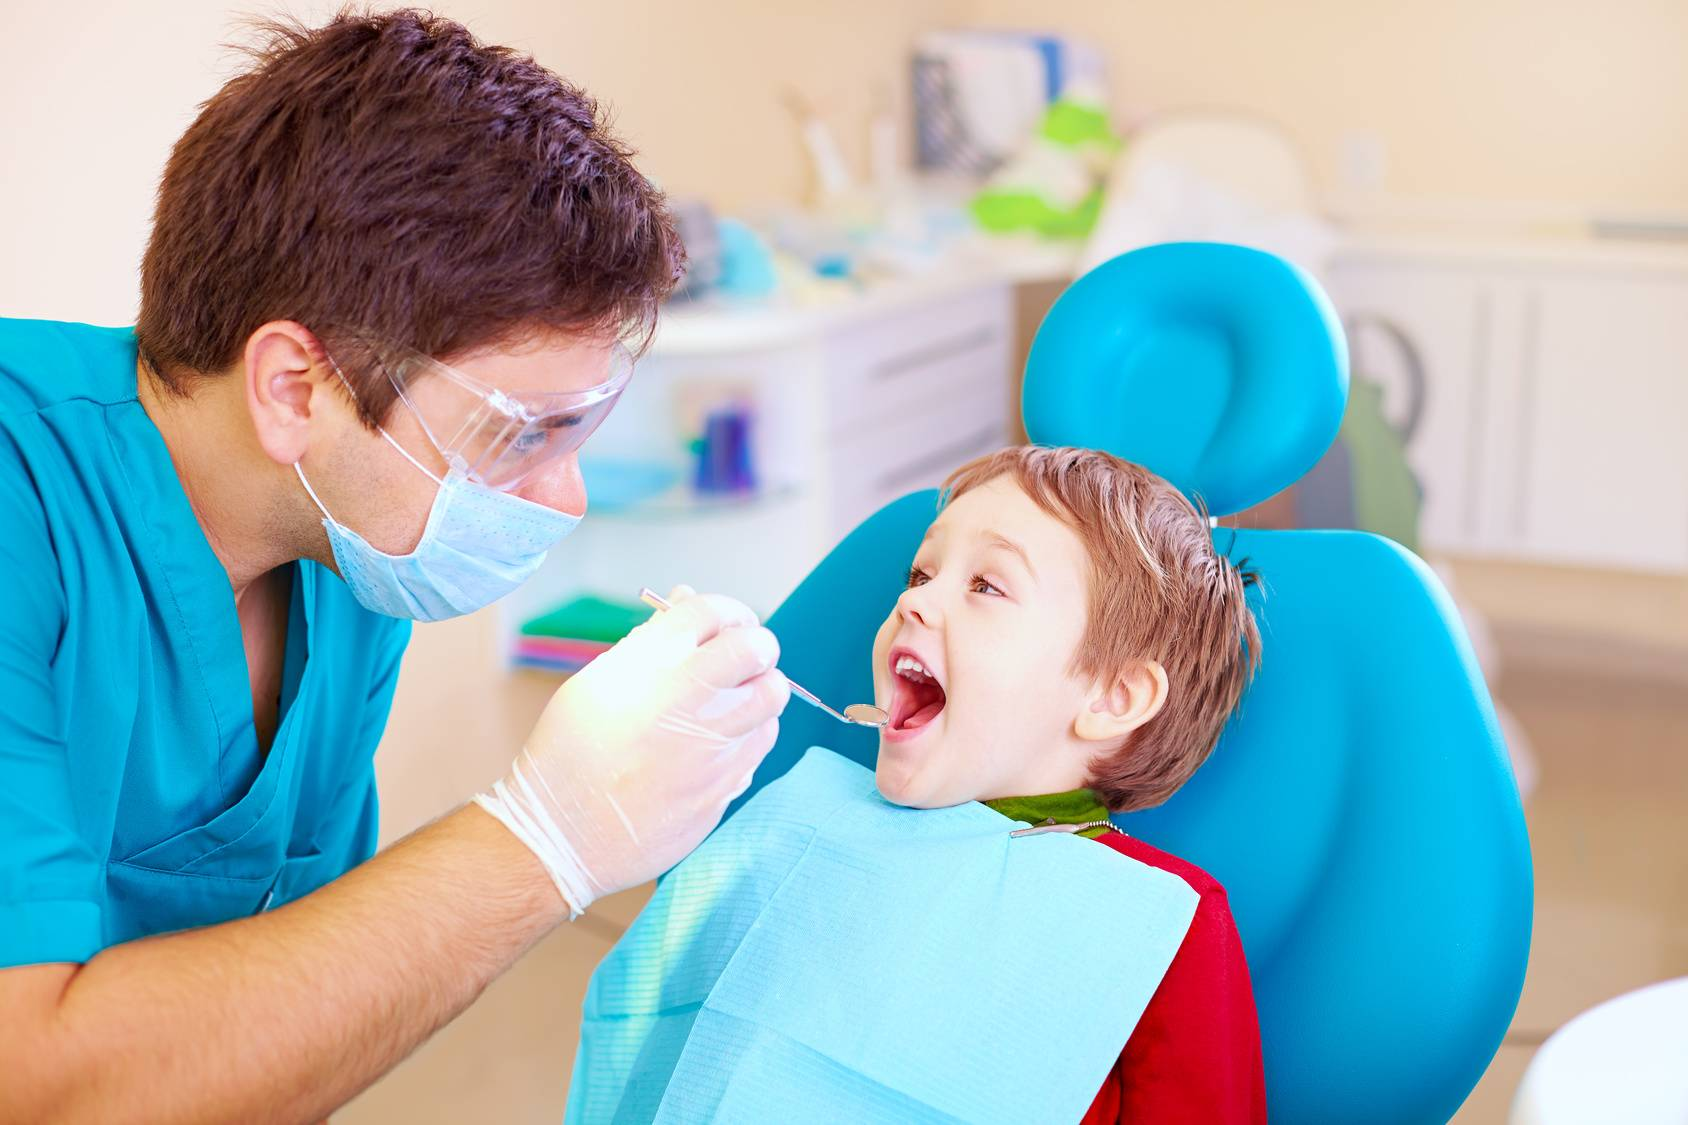 В чем польза фторирования зубов у детей?